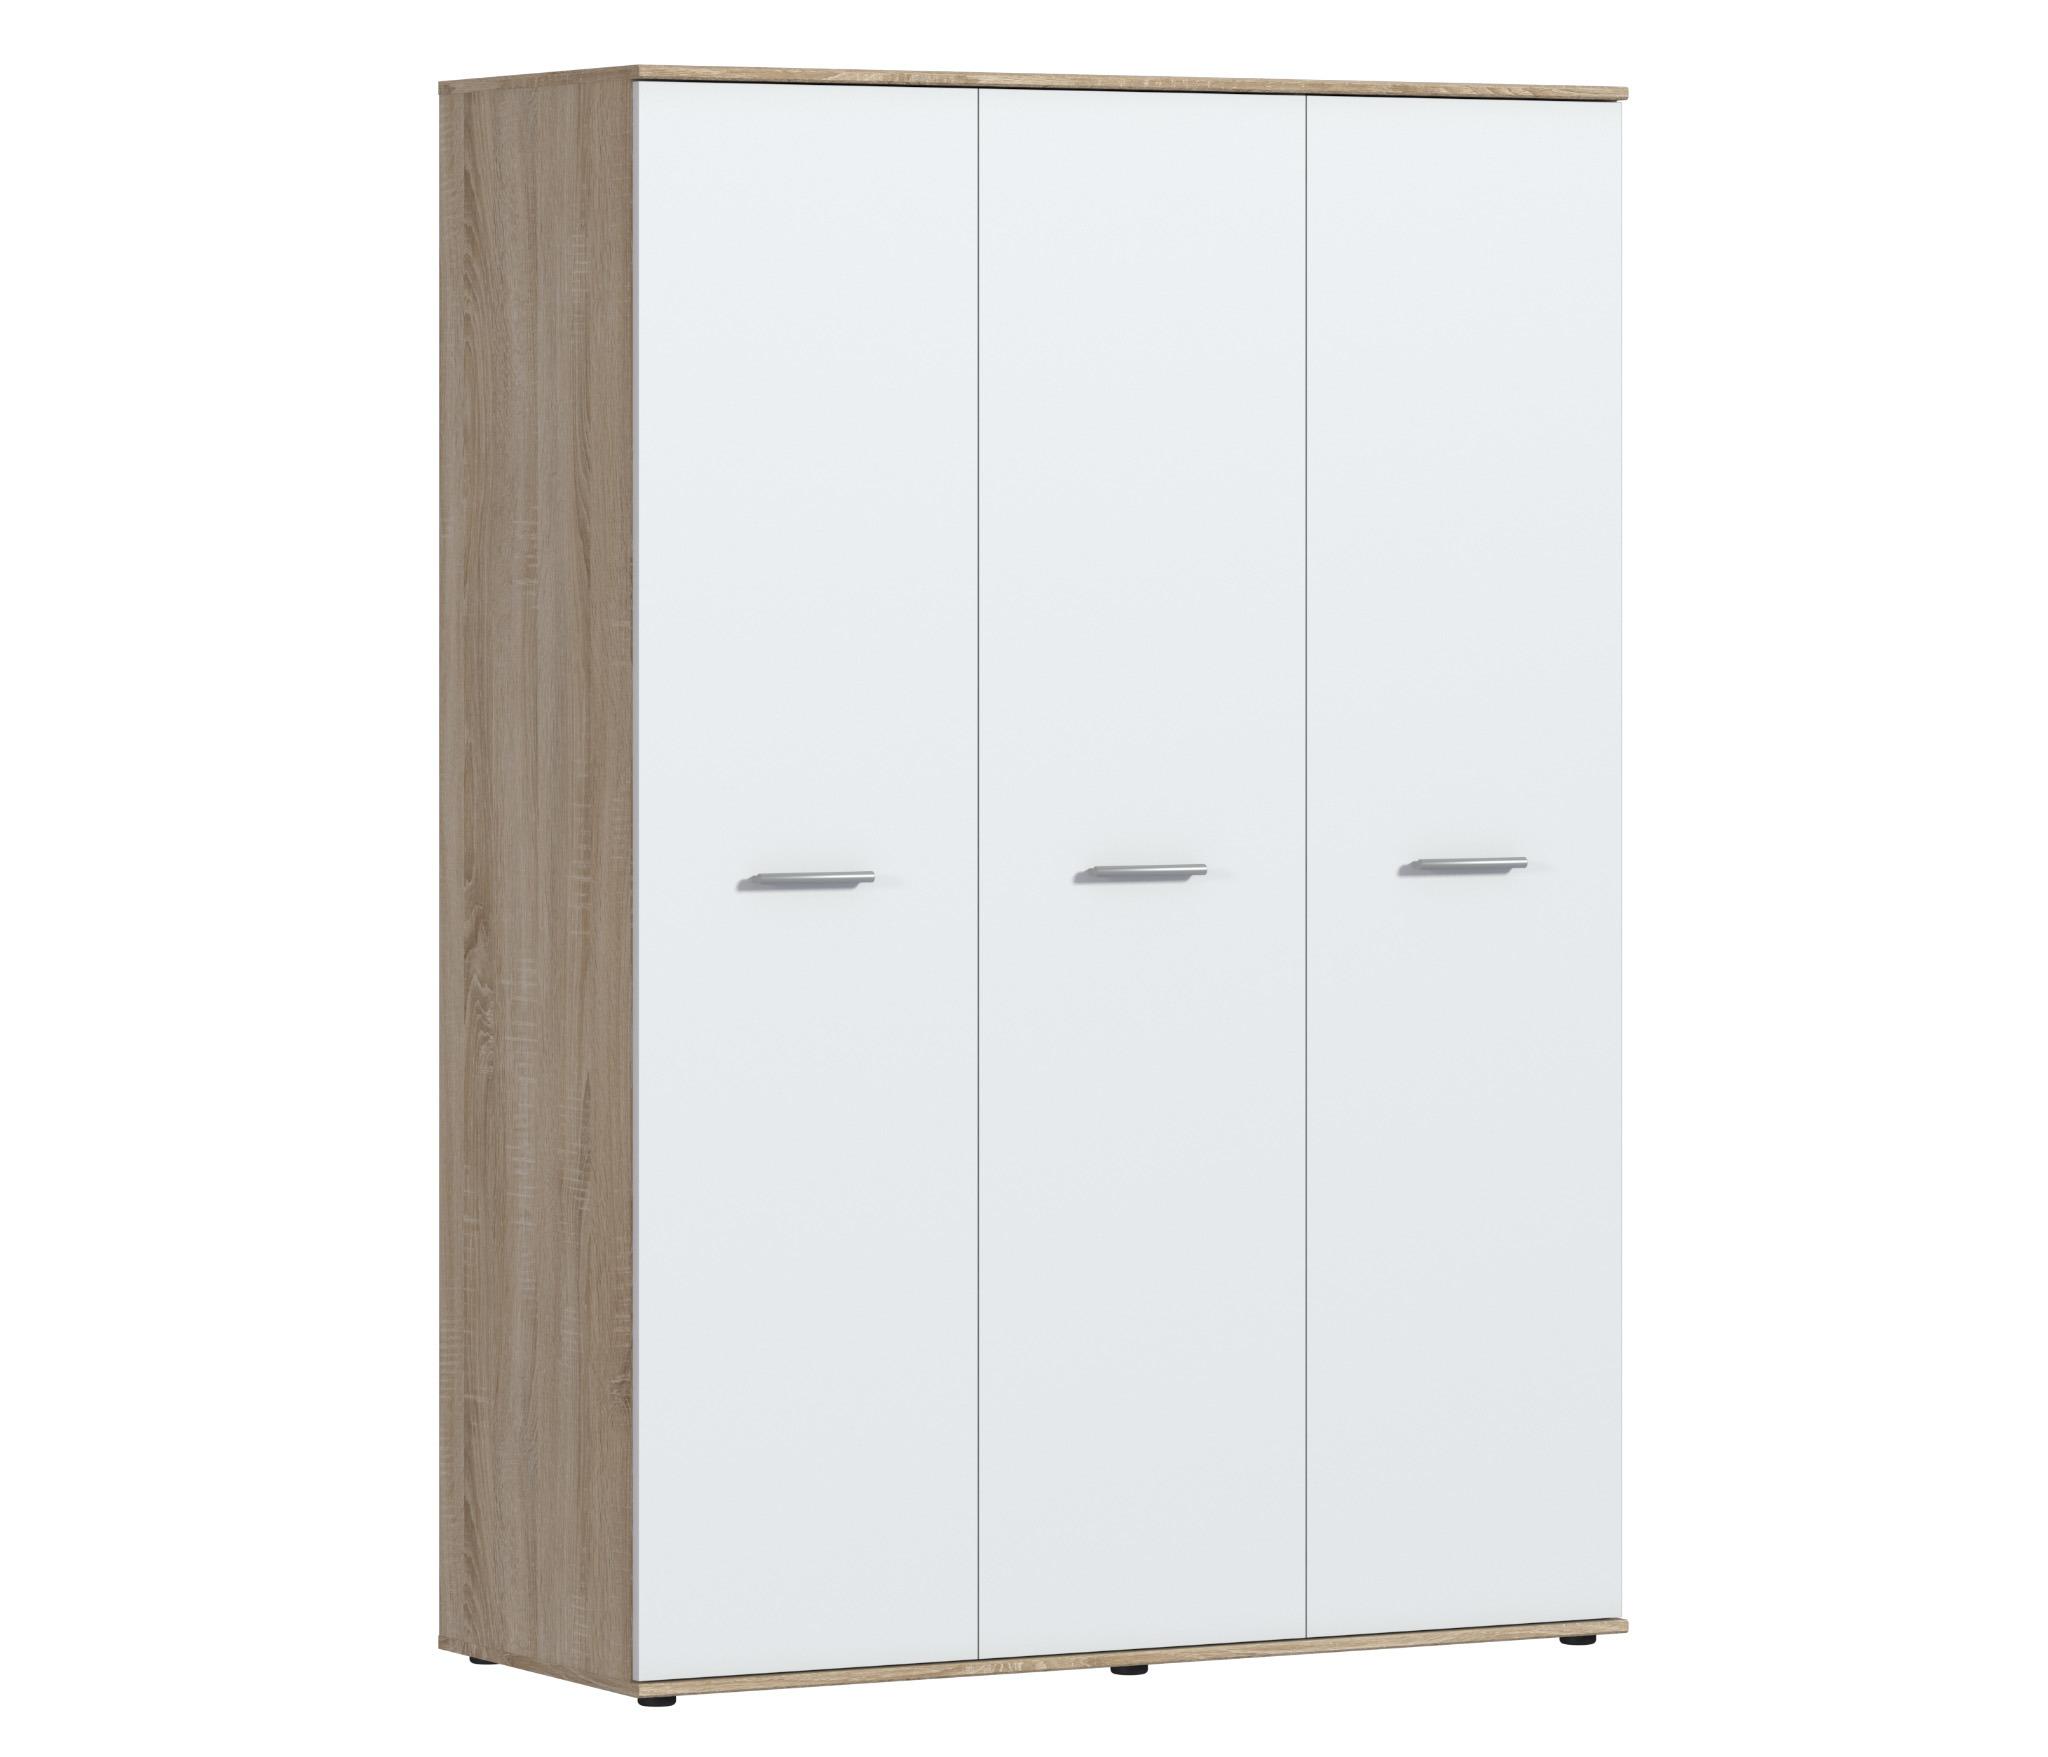 Мамбо СБ-2676 Шкаф 3-х дверныйШкафы<br><br><br>Длина мм: 1350<br>Высота мм: 1911<br>Глубина мм: 550